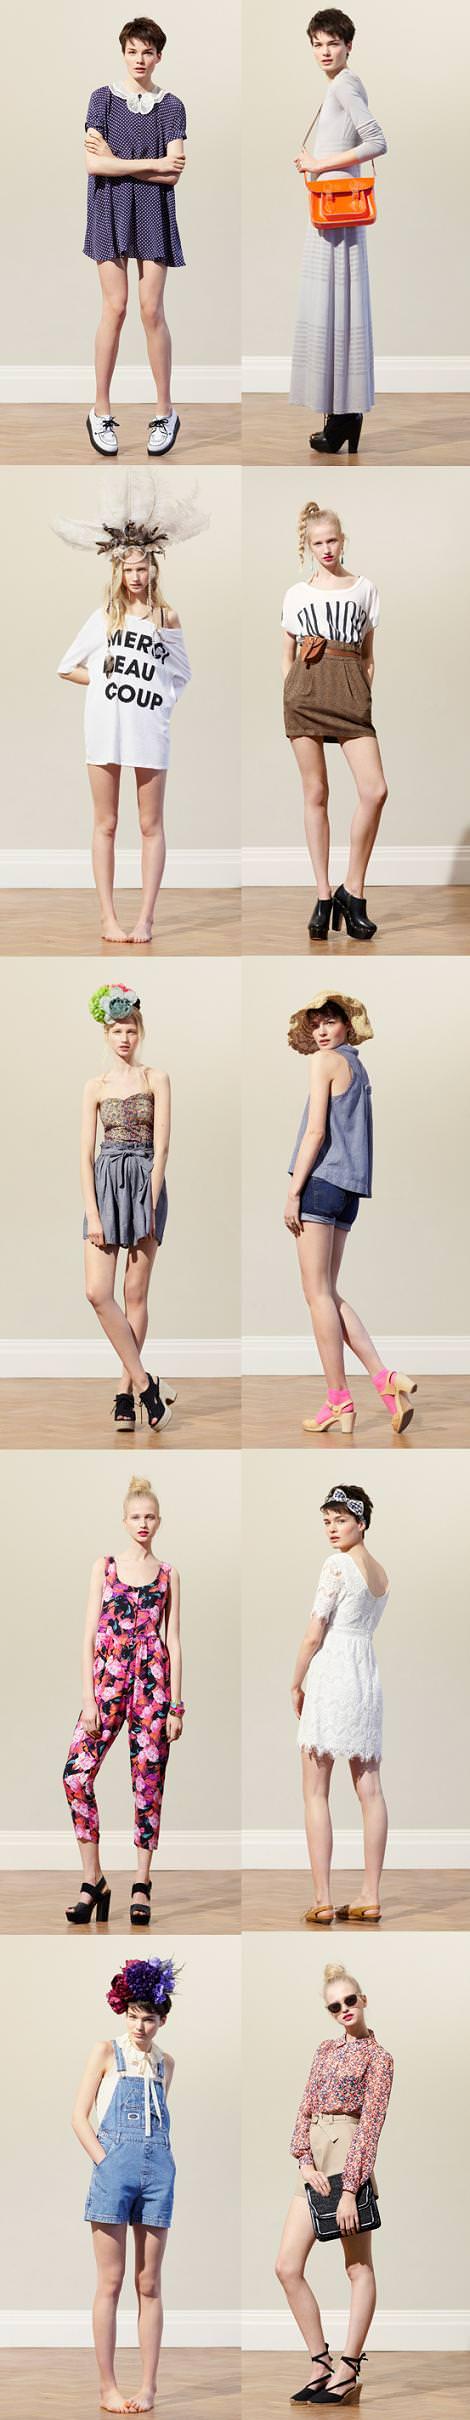 Catálogo de Urban Outfitters primavera 2011